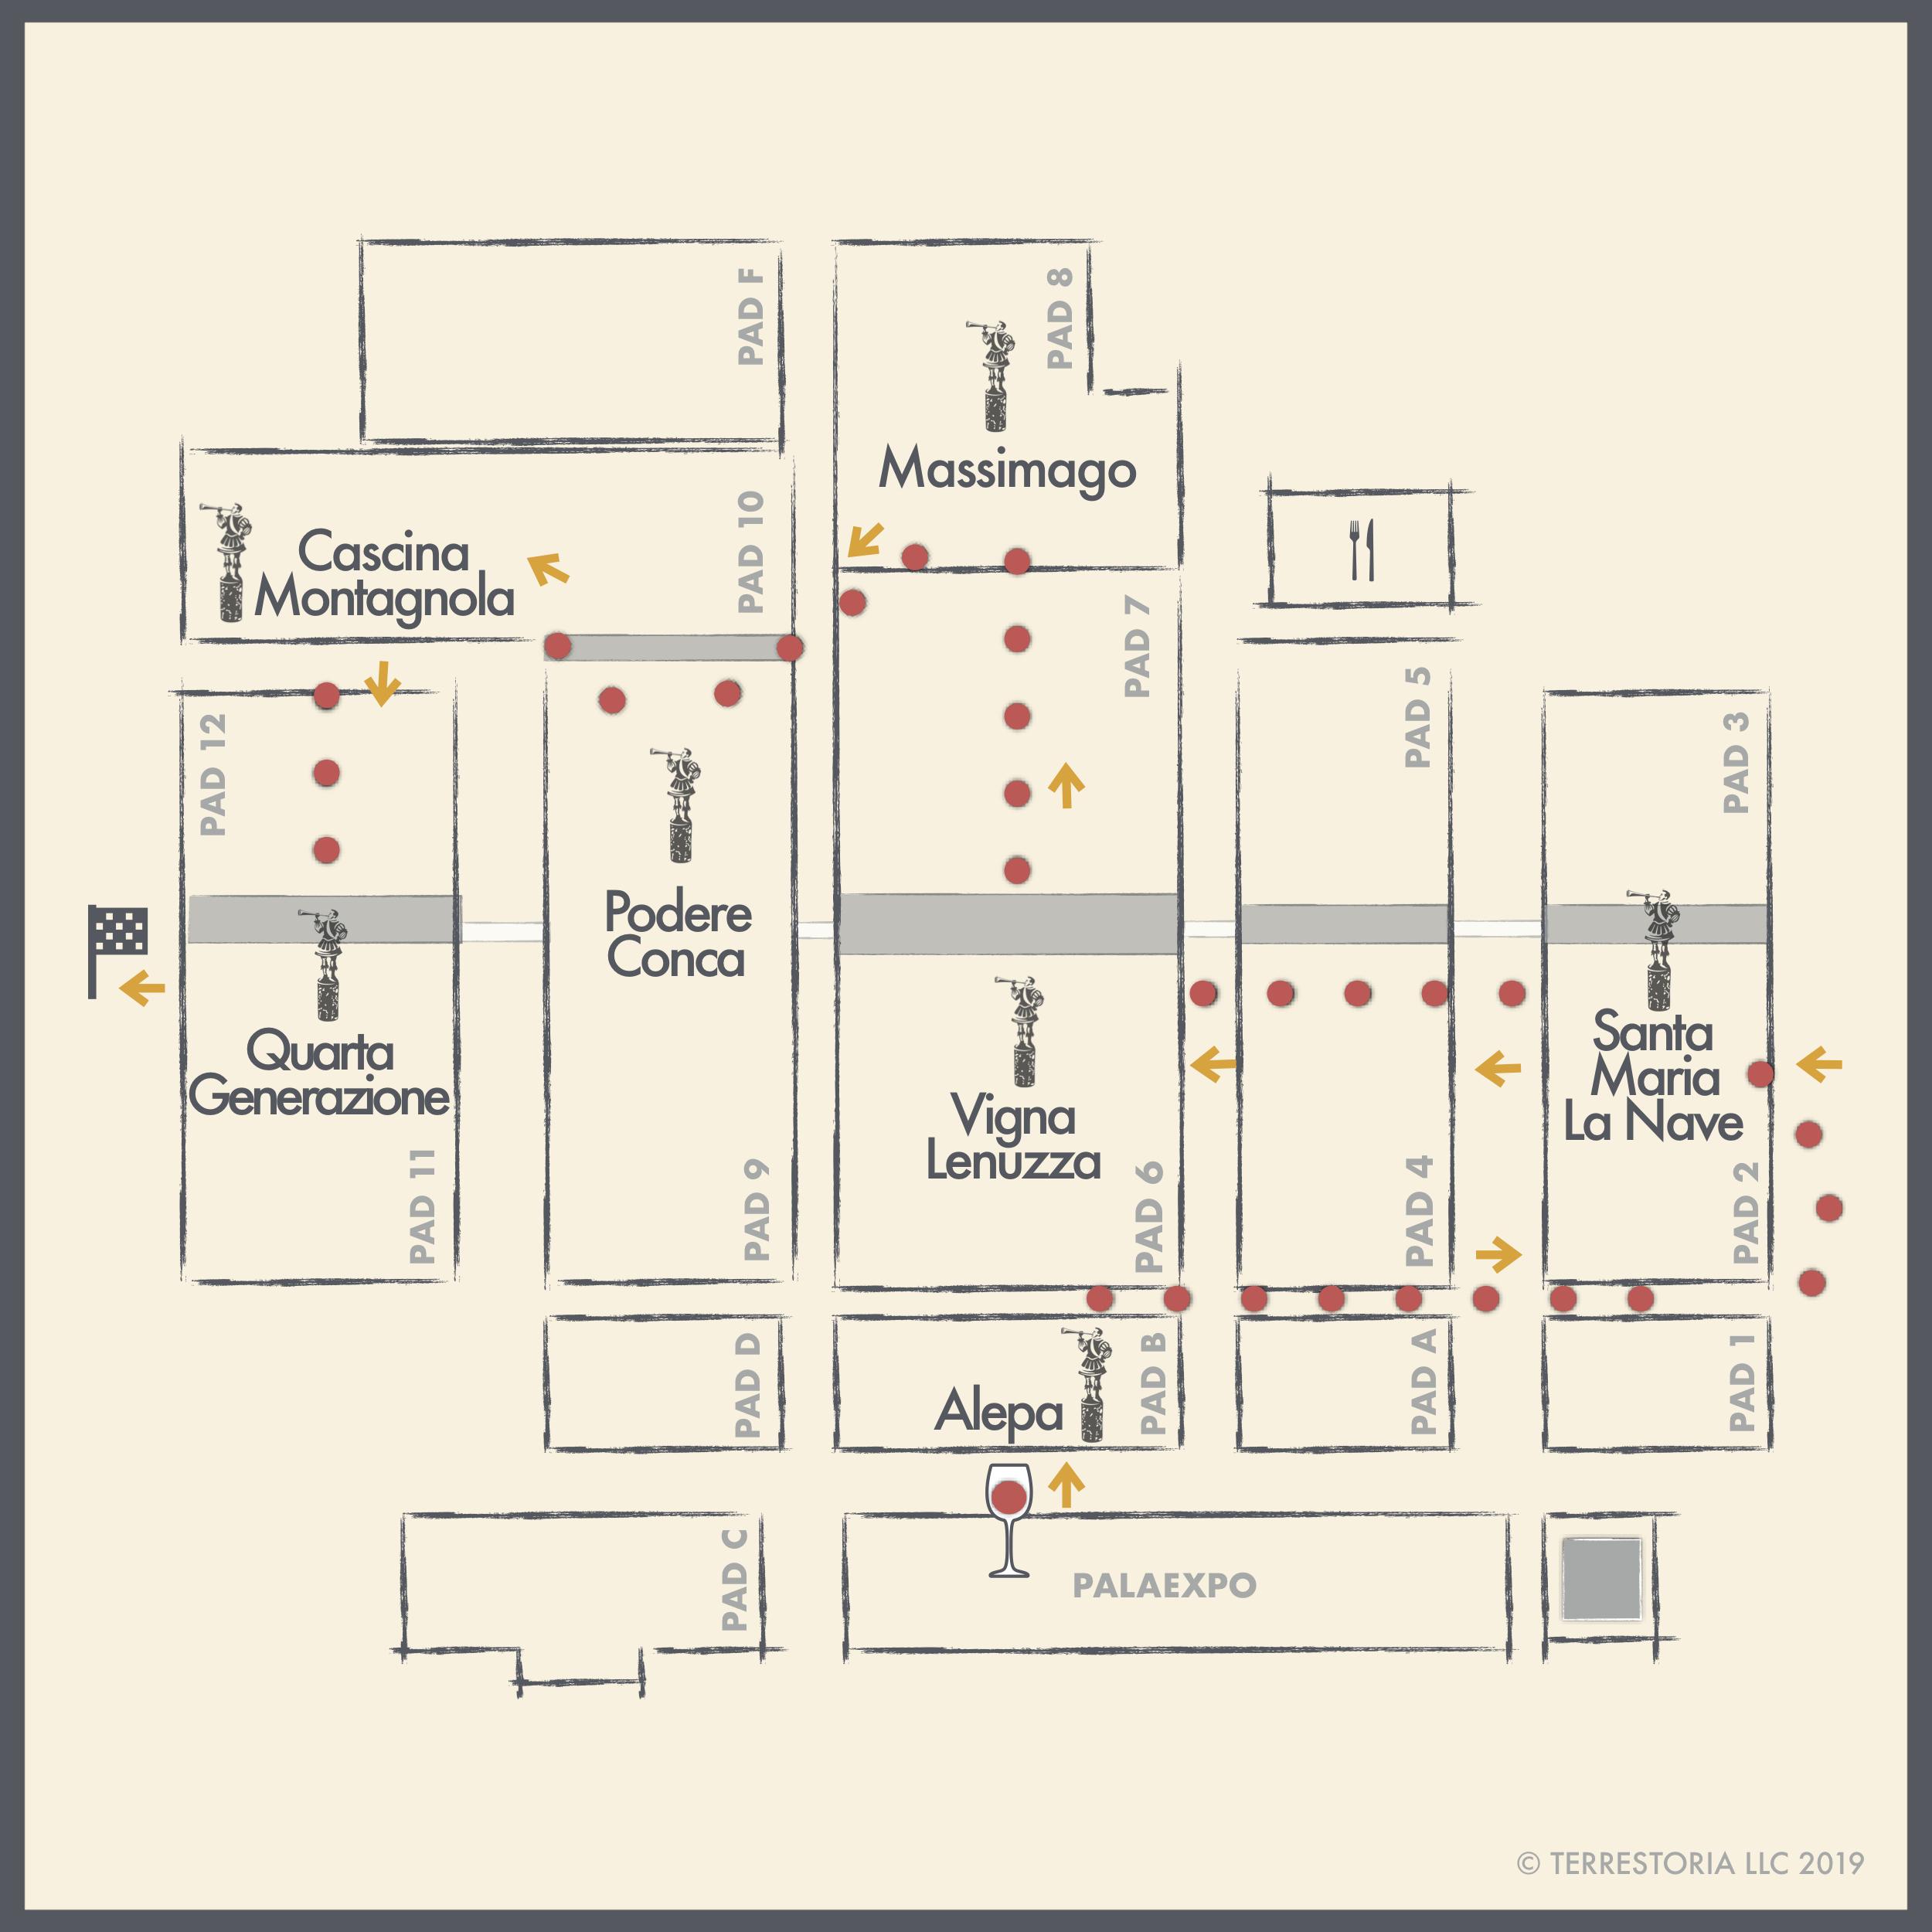 Vinitaly 2019 Terrestoria.map.jpg